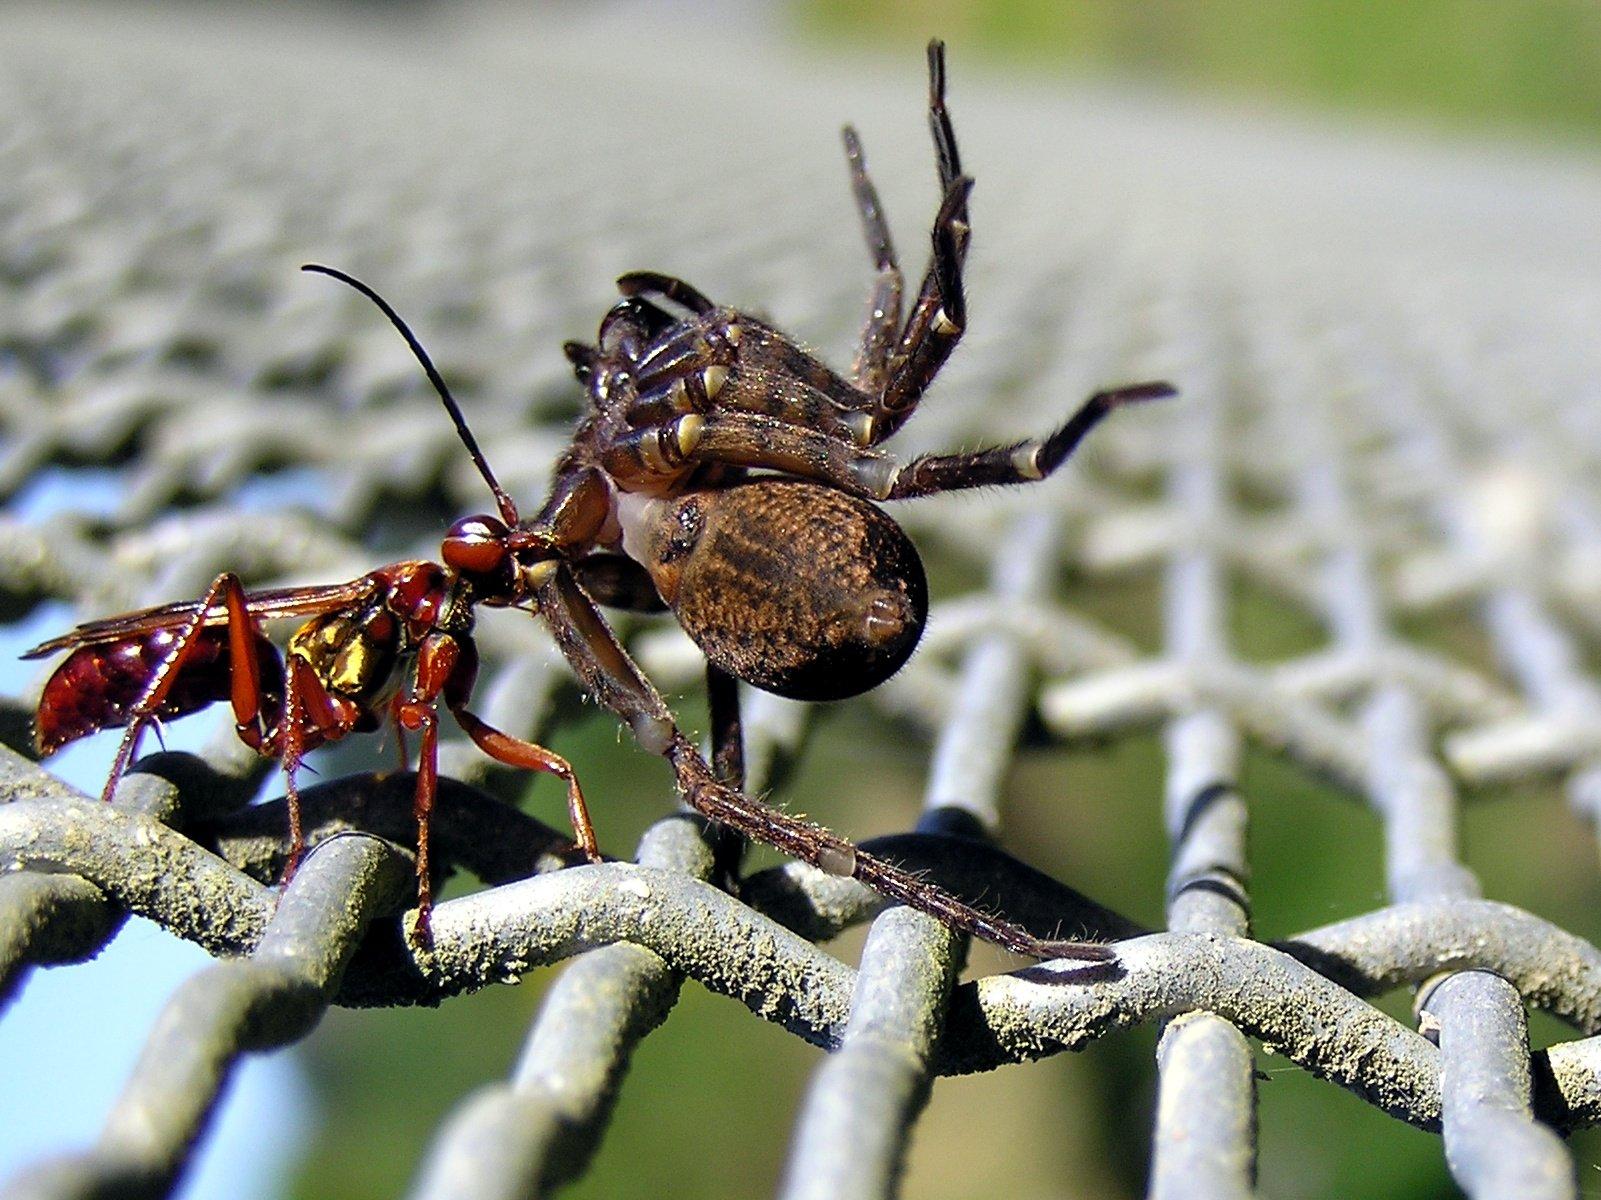 Паук-оса или аргиопа брюнниха – паук желто-черный полосатый